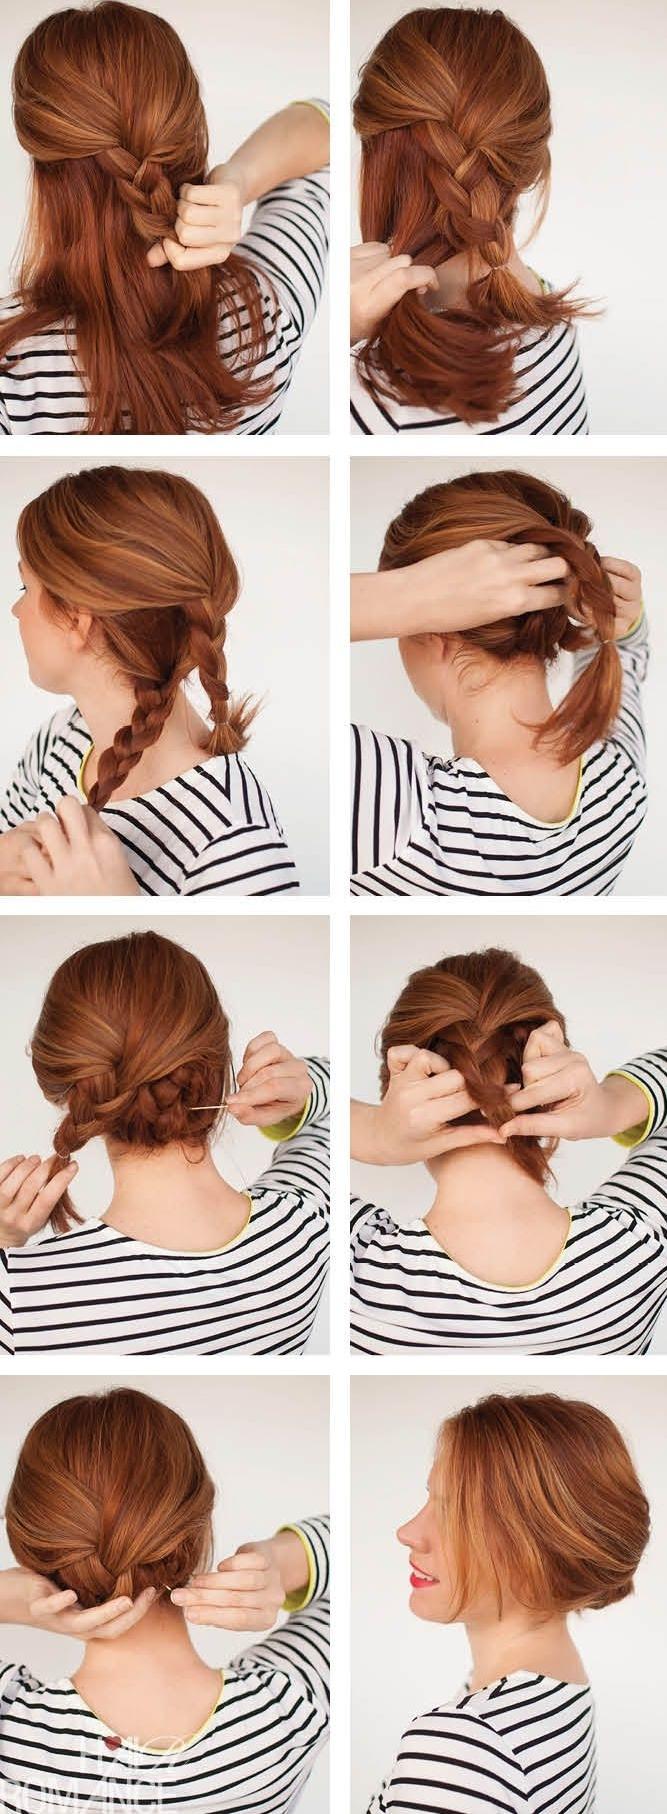 recogidos con trenzas paso a paso, tutoriales de peinados fáciles de hacer y super originales